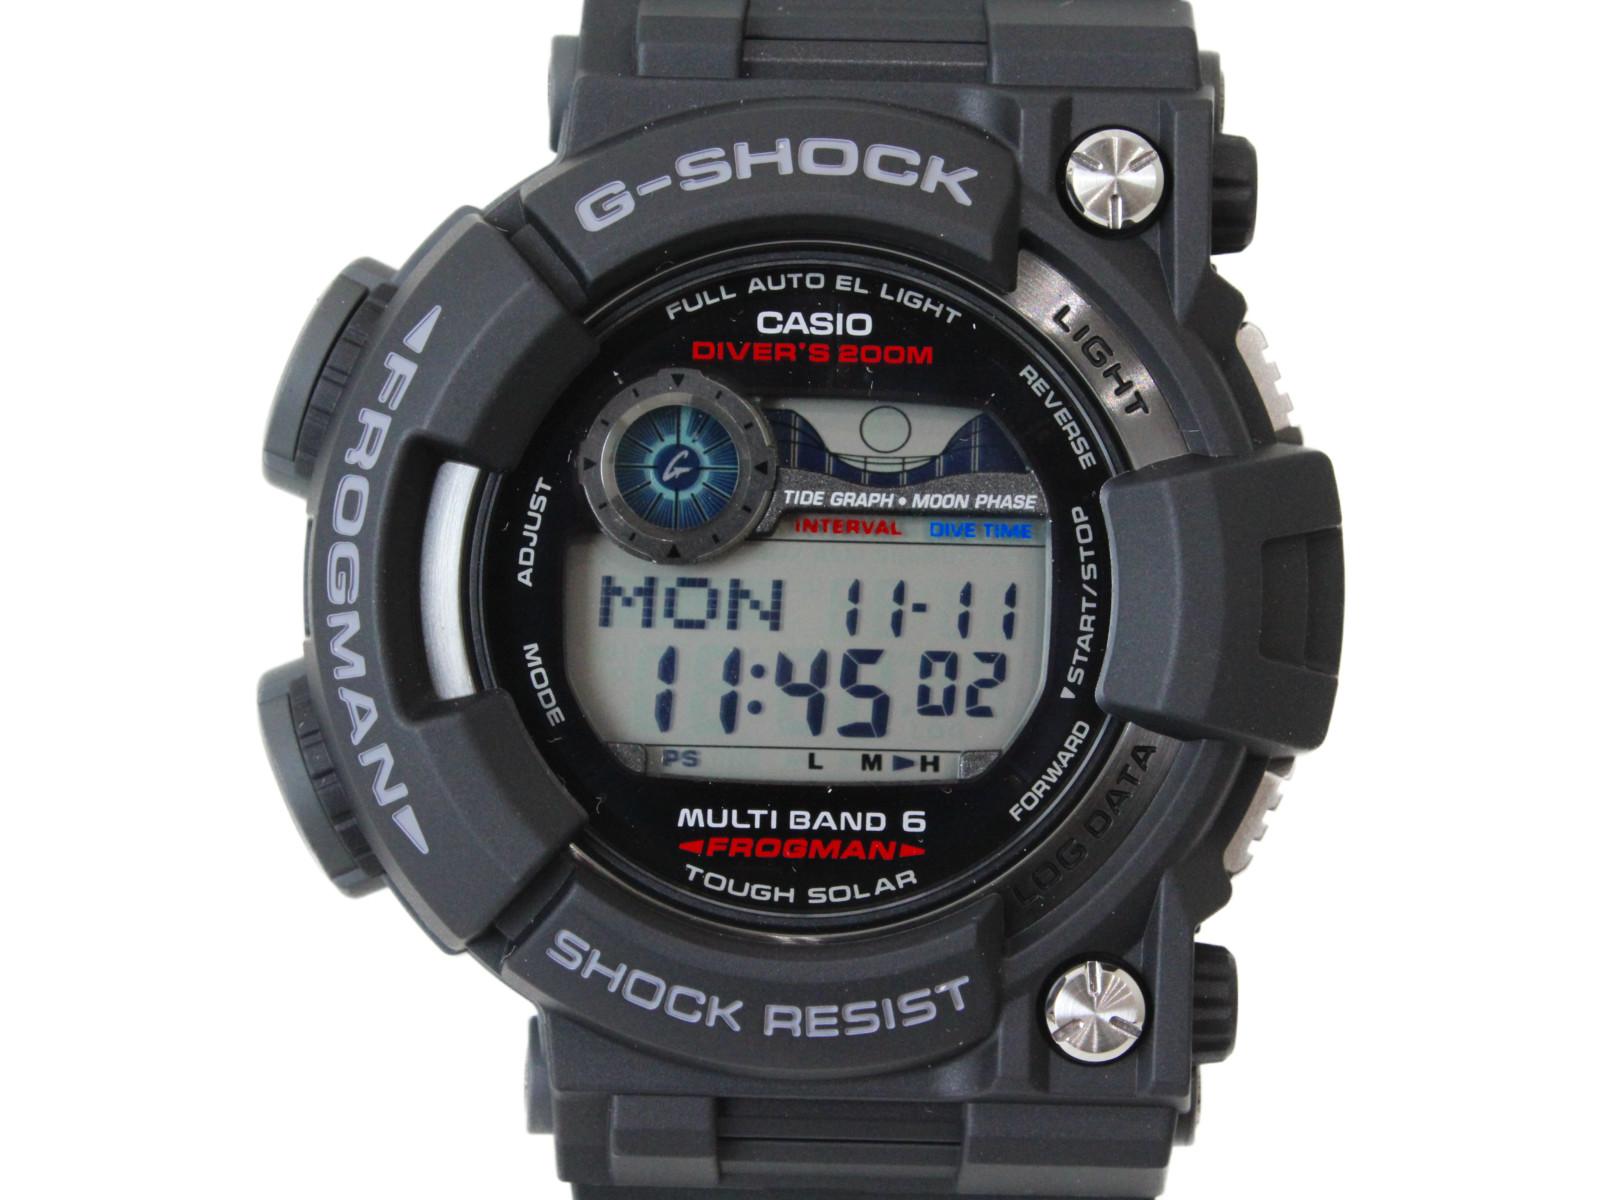 【マスターオブG】CASIO カシオ G-SHOCK フロッグマン GWF-1000-1JF デジタル タフソーラー ラバー ブラック メンズ 腕時計【中古】